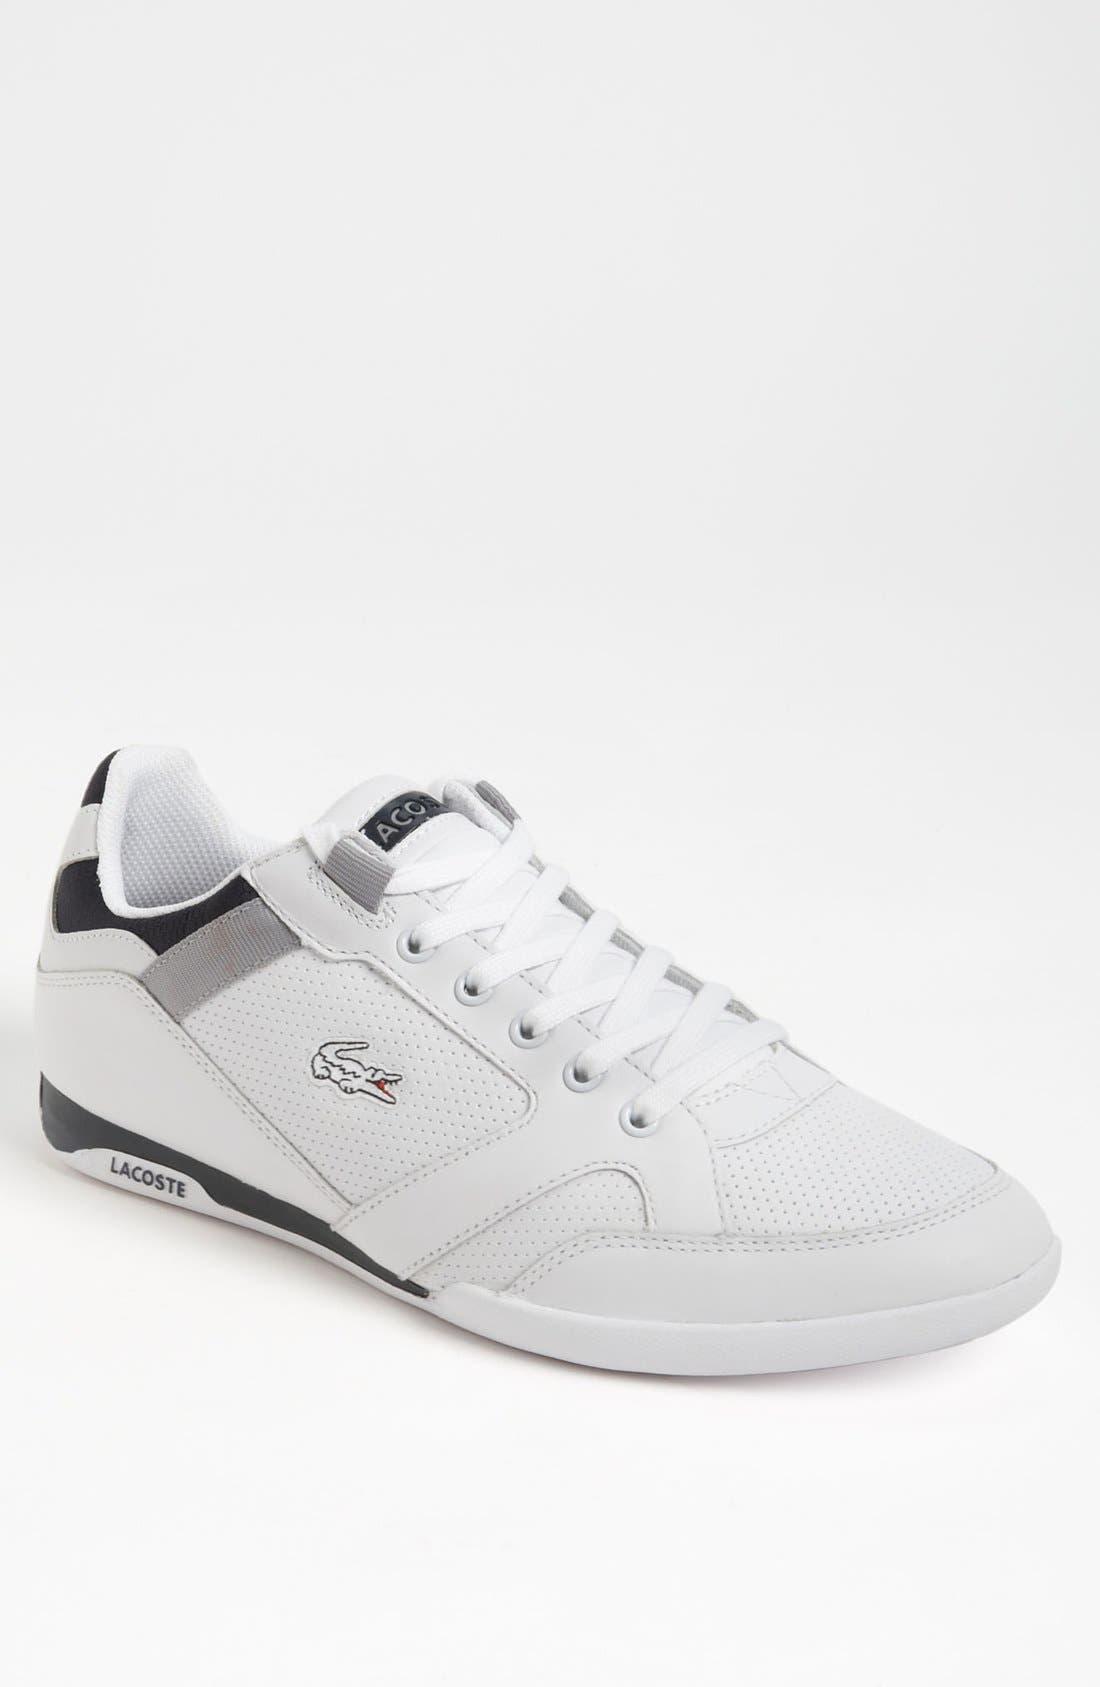 Main Image - Lacoste 'Telesio CRE' Sneaker